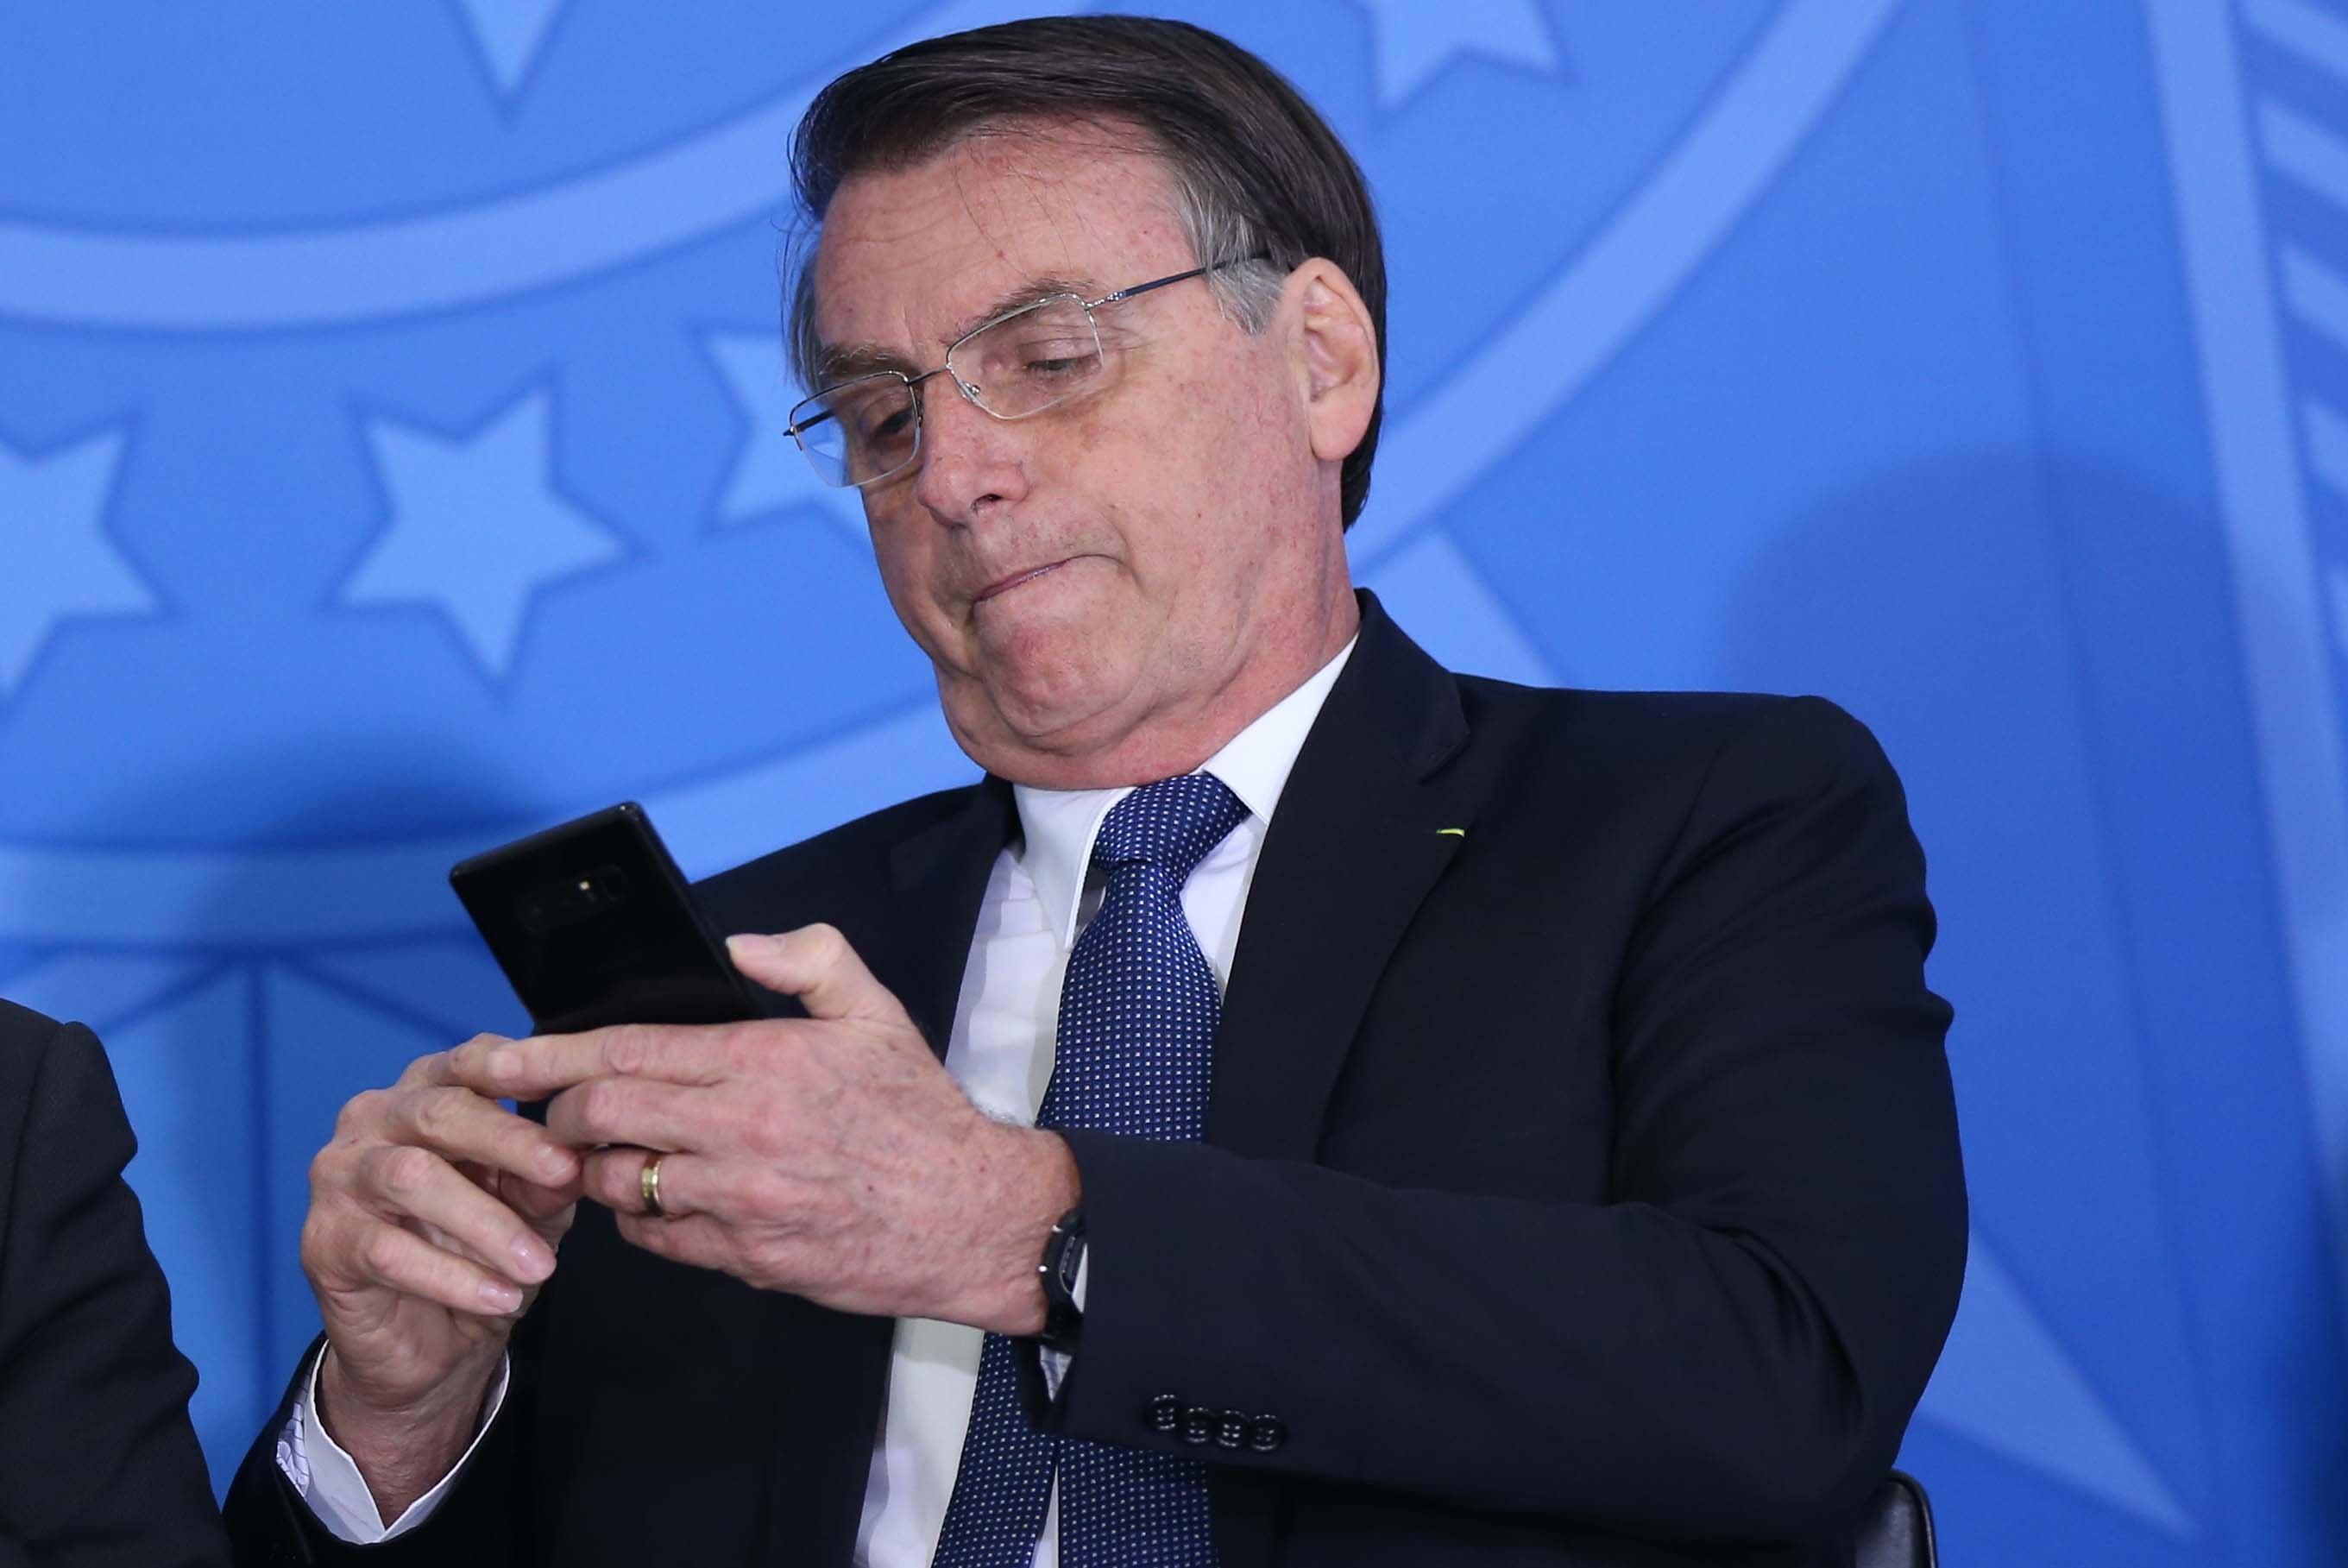 Brazil: Bolsonaro Blocks Critics on Social Media